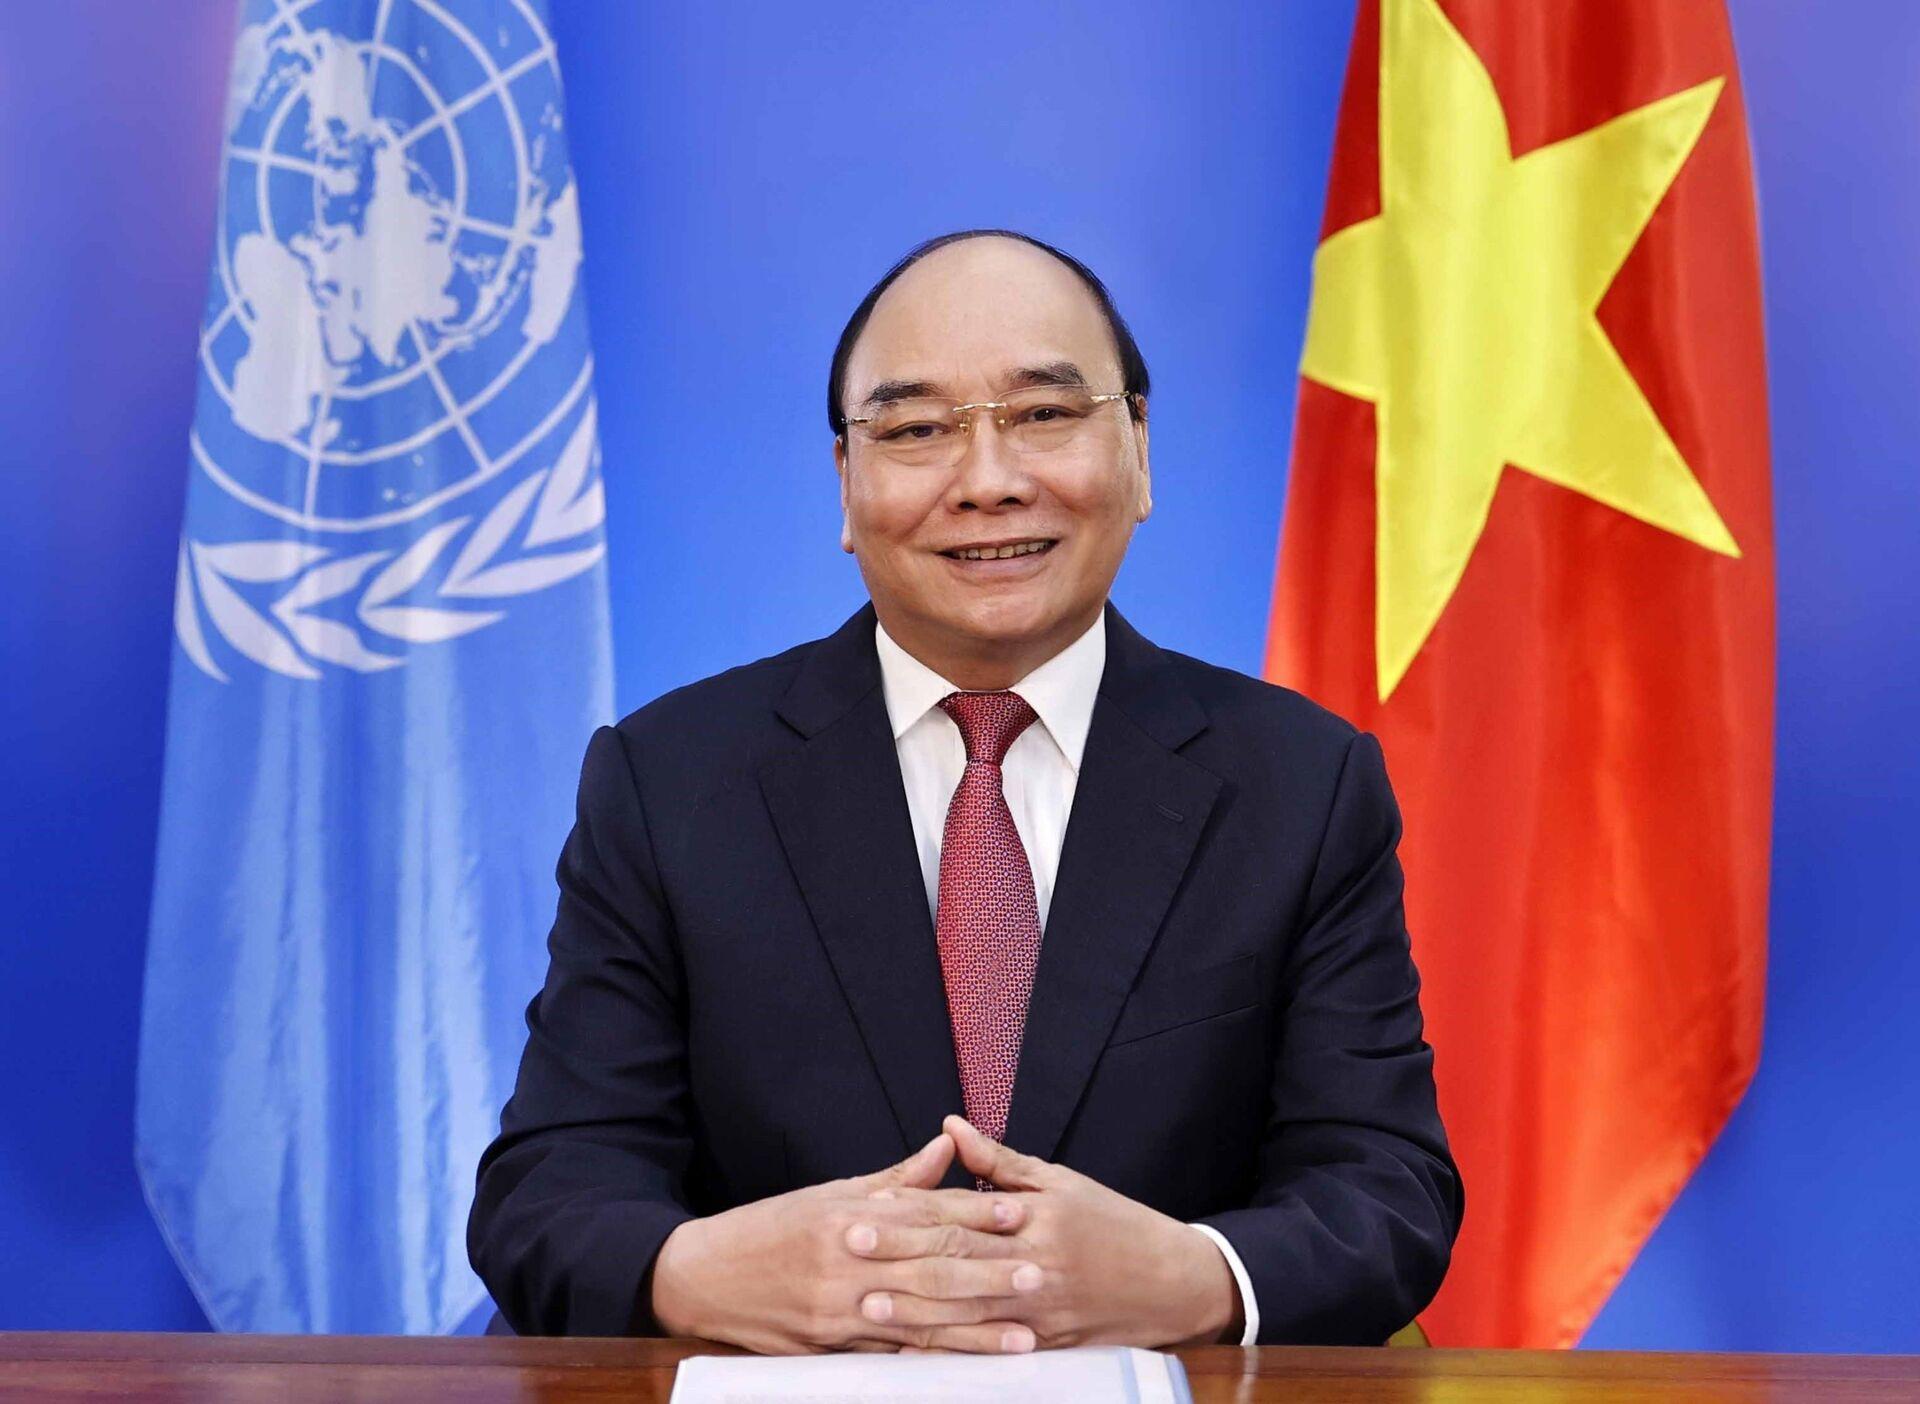 Chủ tịch nước Nguyễn Xuân Phúc dự Hội nghị Thượng đỉnh của LHQ về Hệ thống lương thực - Sputnik Việt Nam, 1920, 05.10.2021